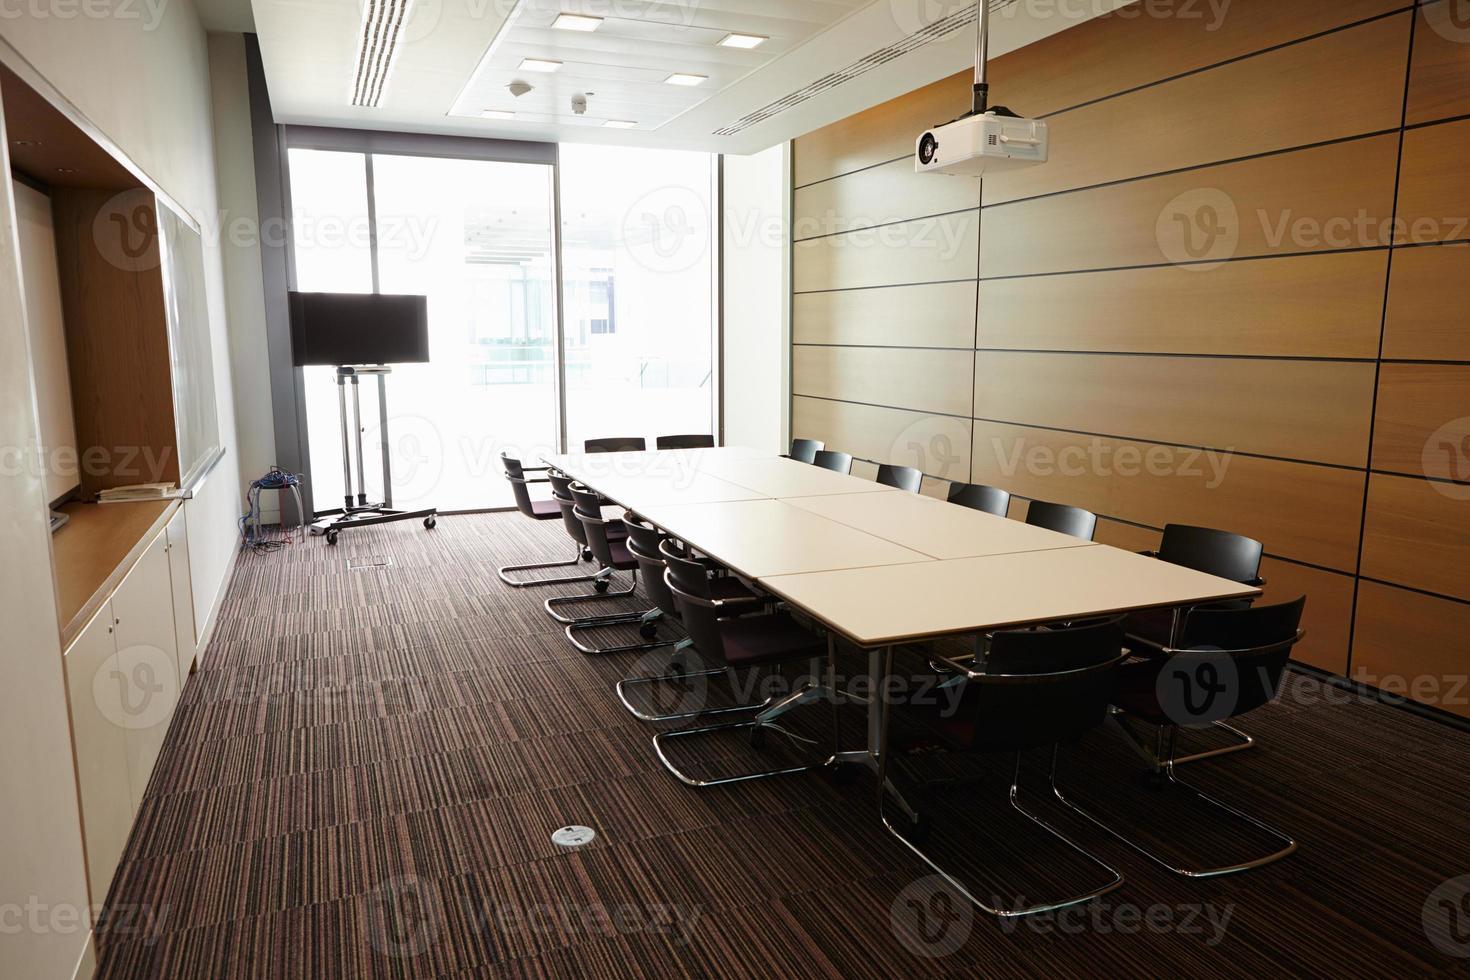 sala de juntas de negocios sin personas foto